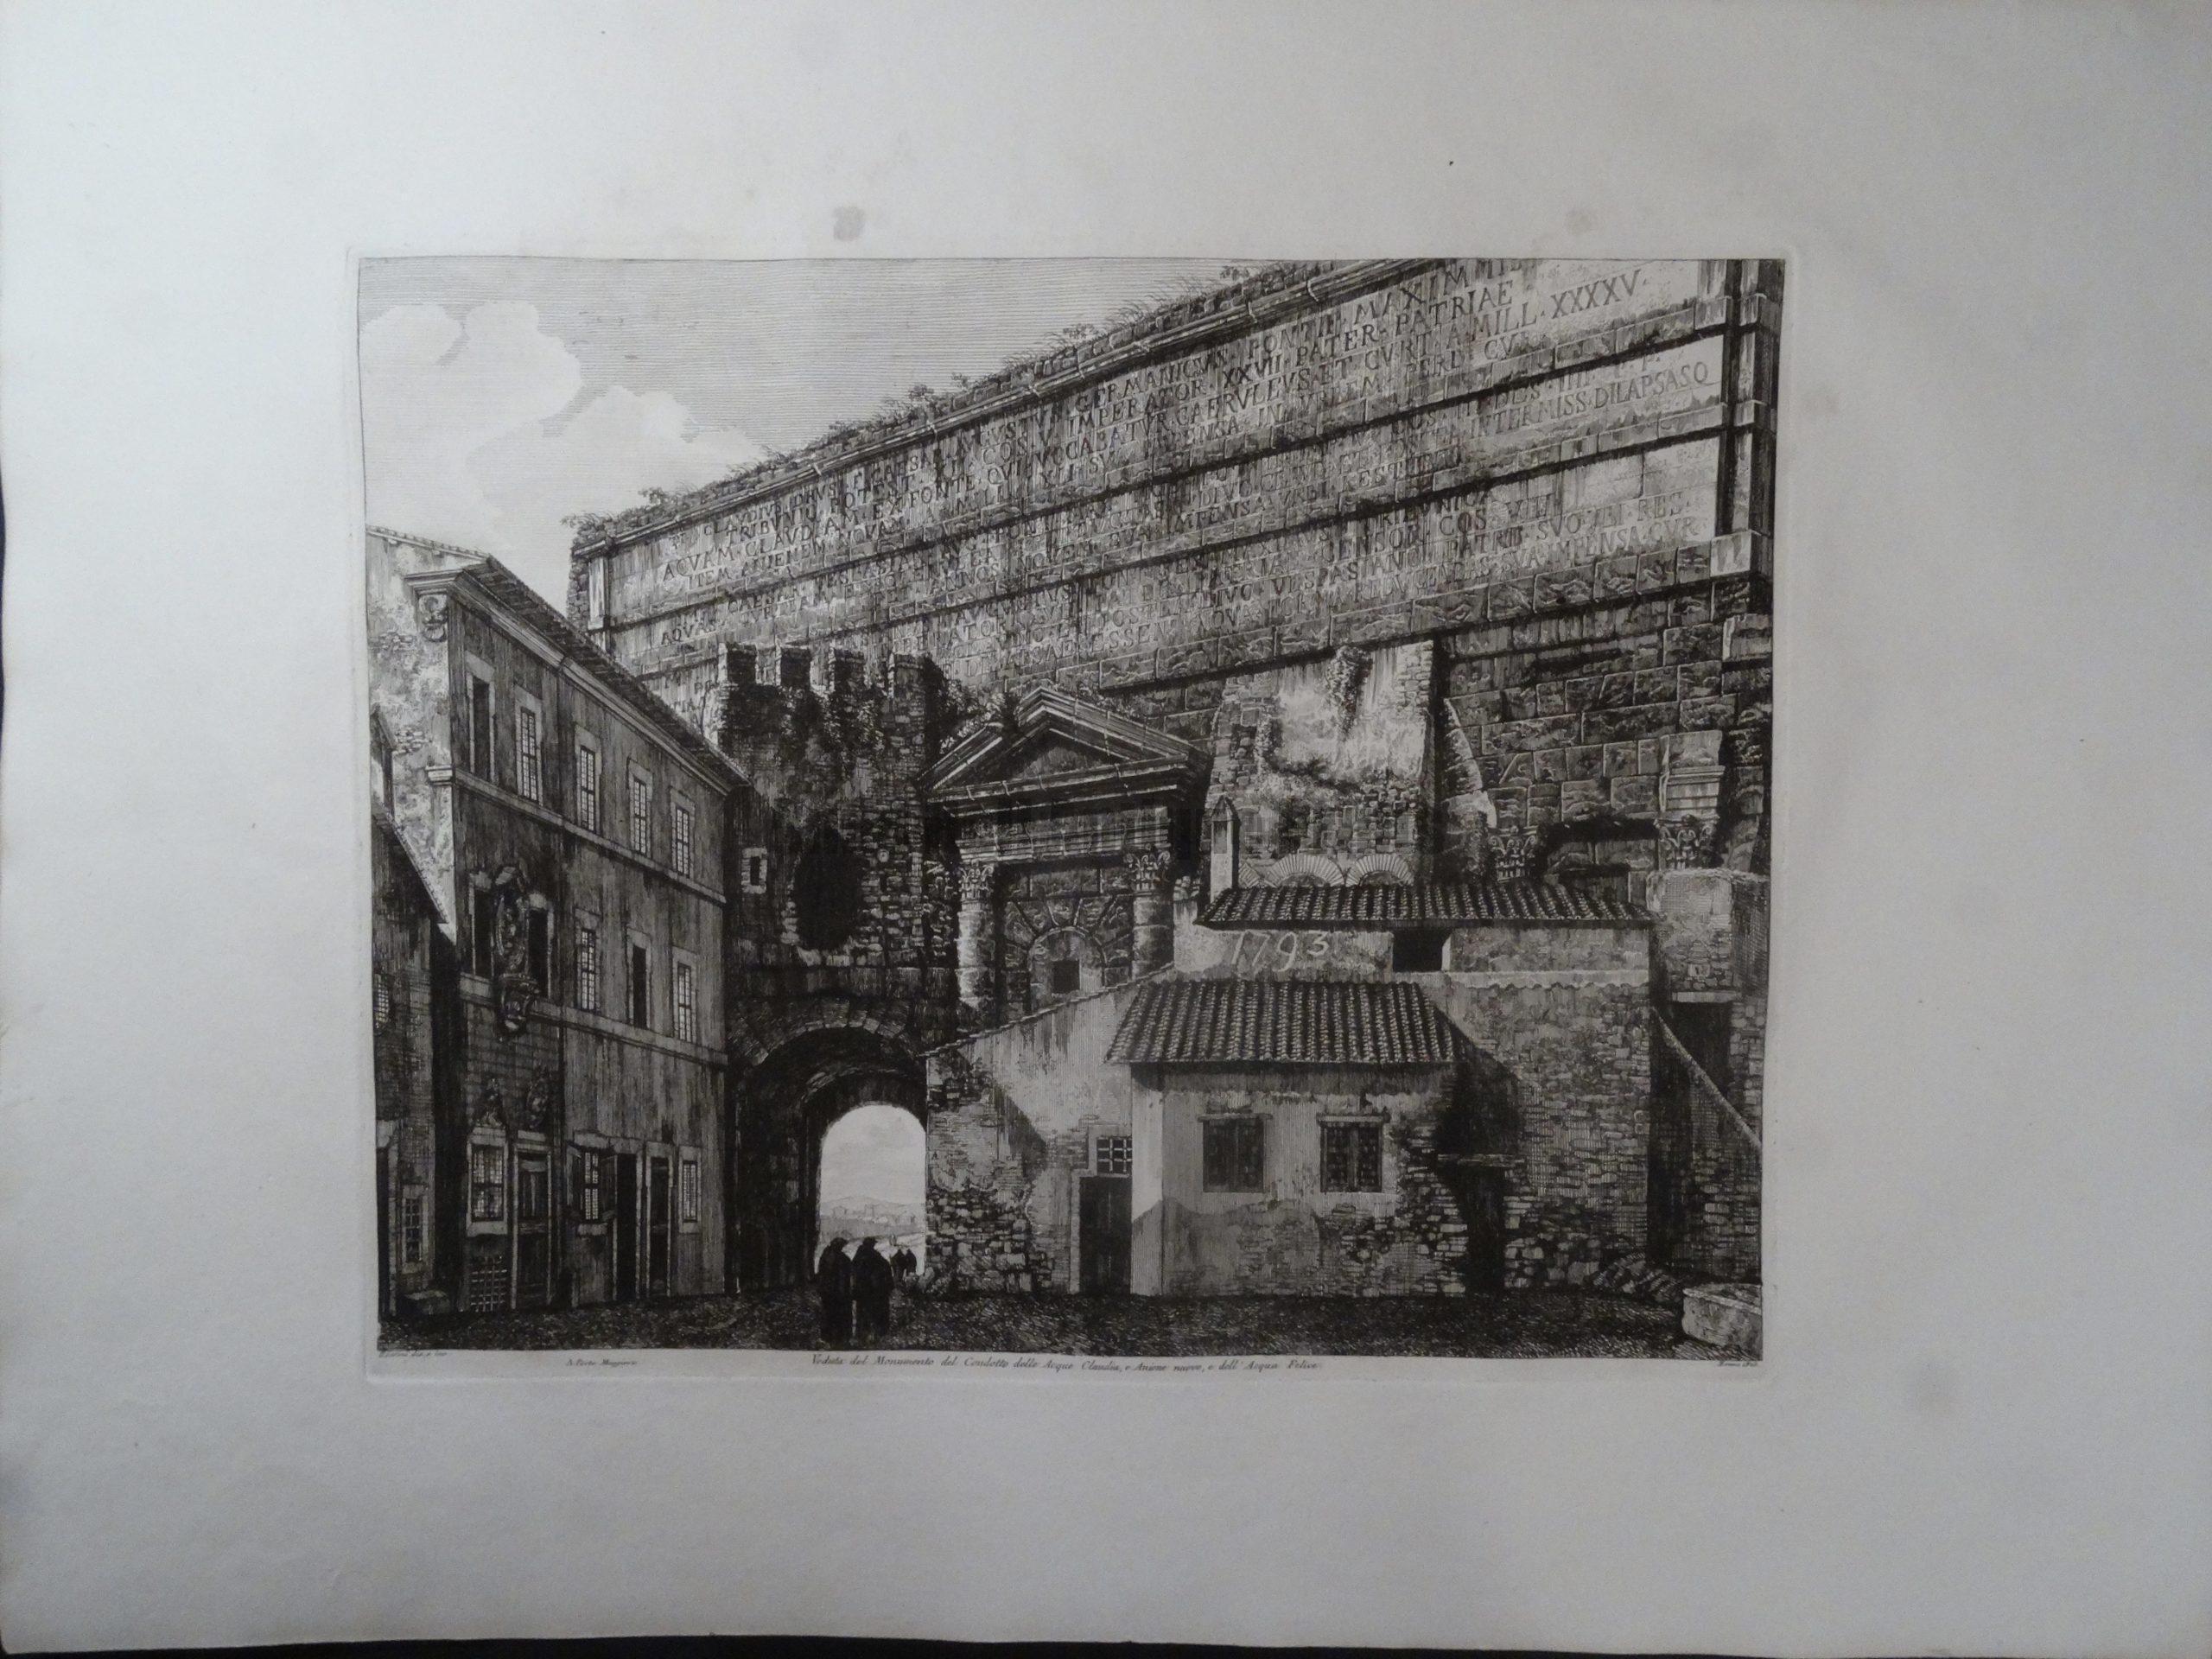 Monumento del Condotto, Roma 1823